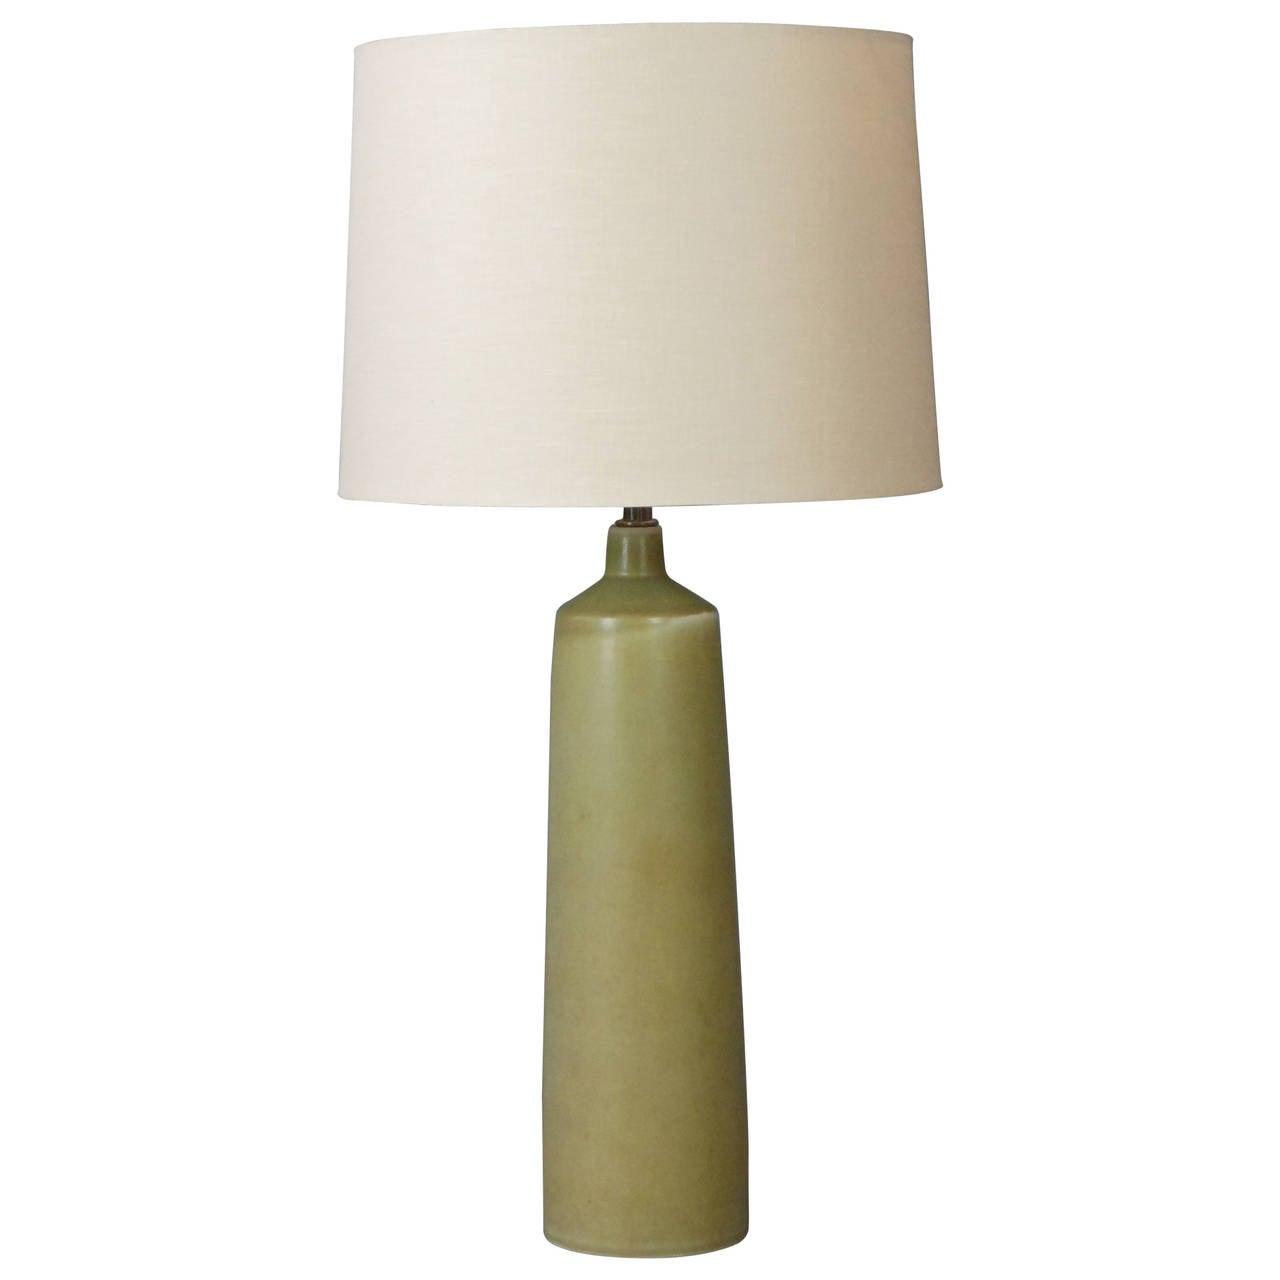 Scandinavian Modern Green Ceramic Lamp by Per Linnemann-Schmidt